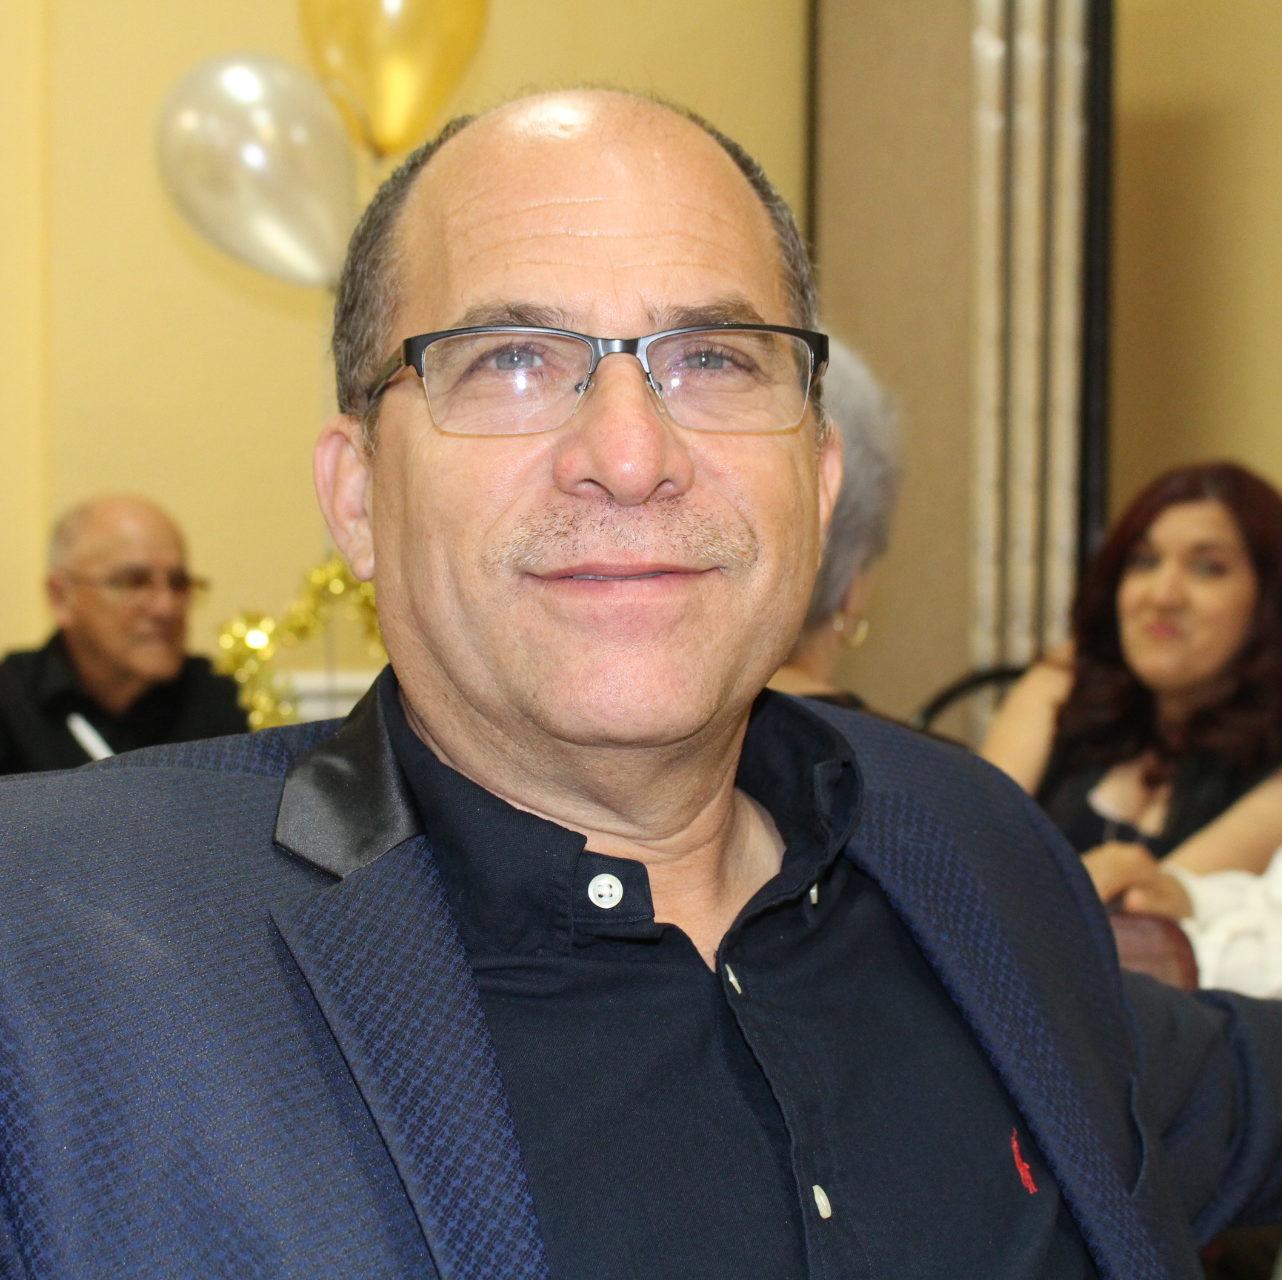 Daniel Casanova